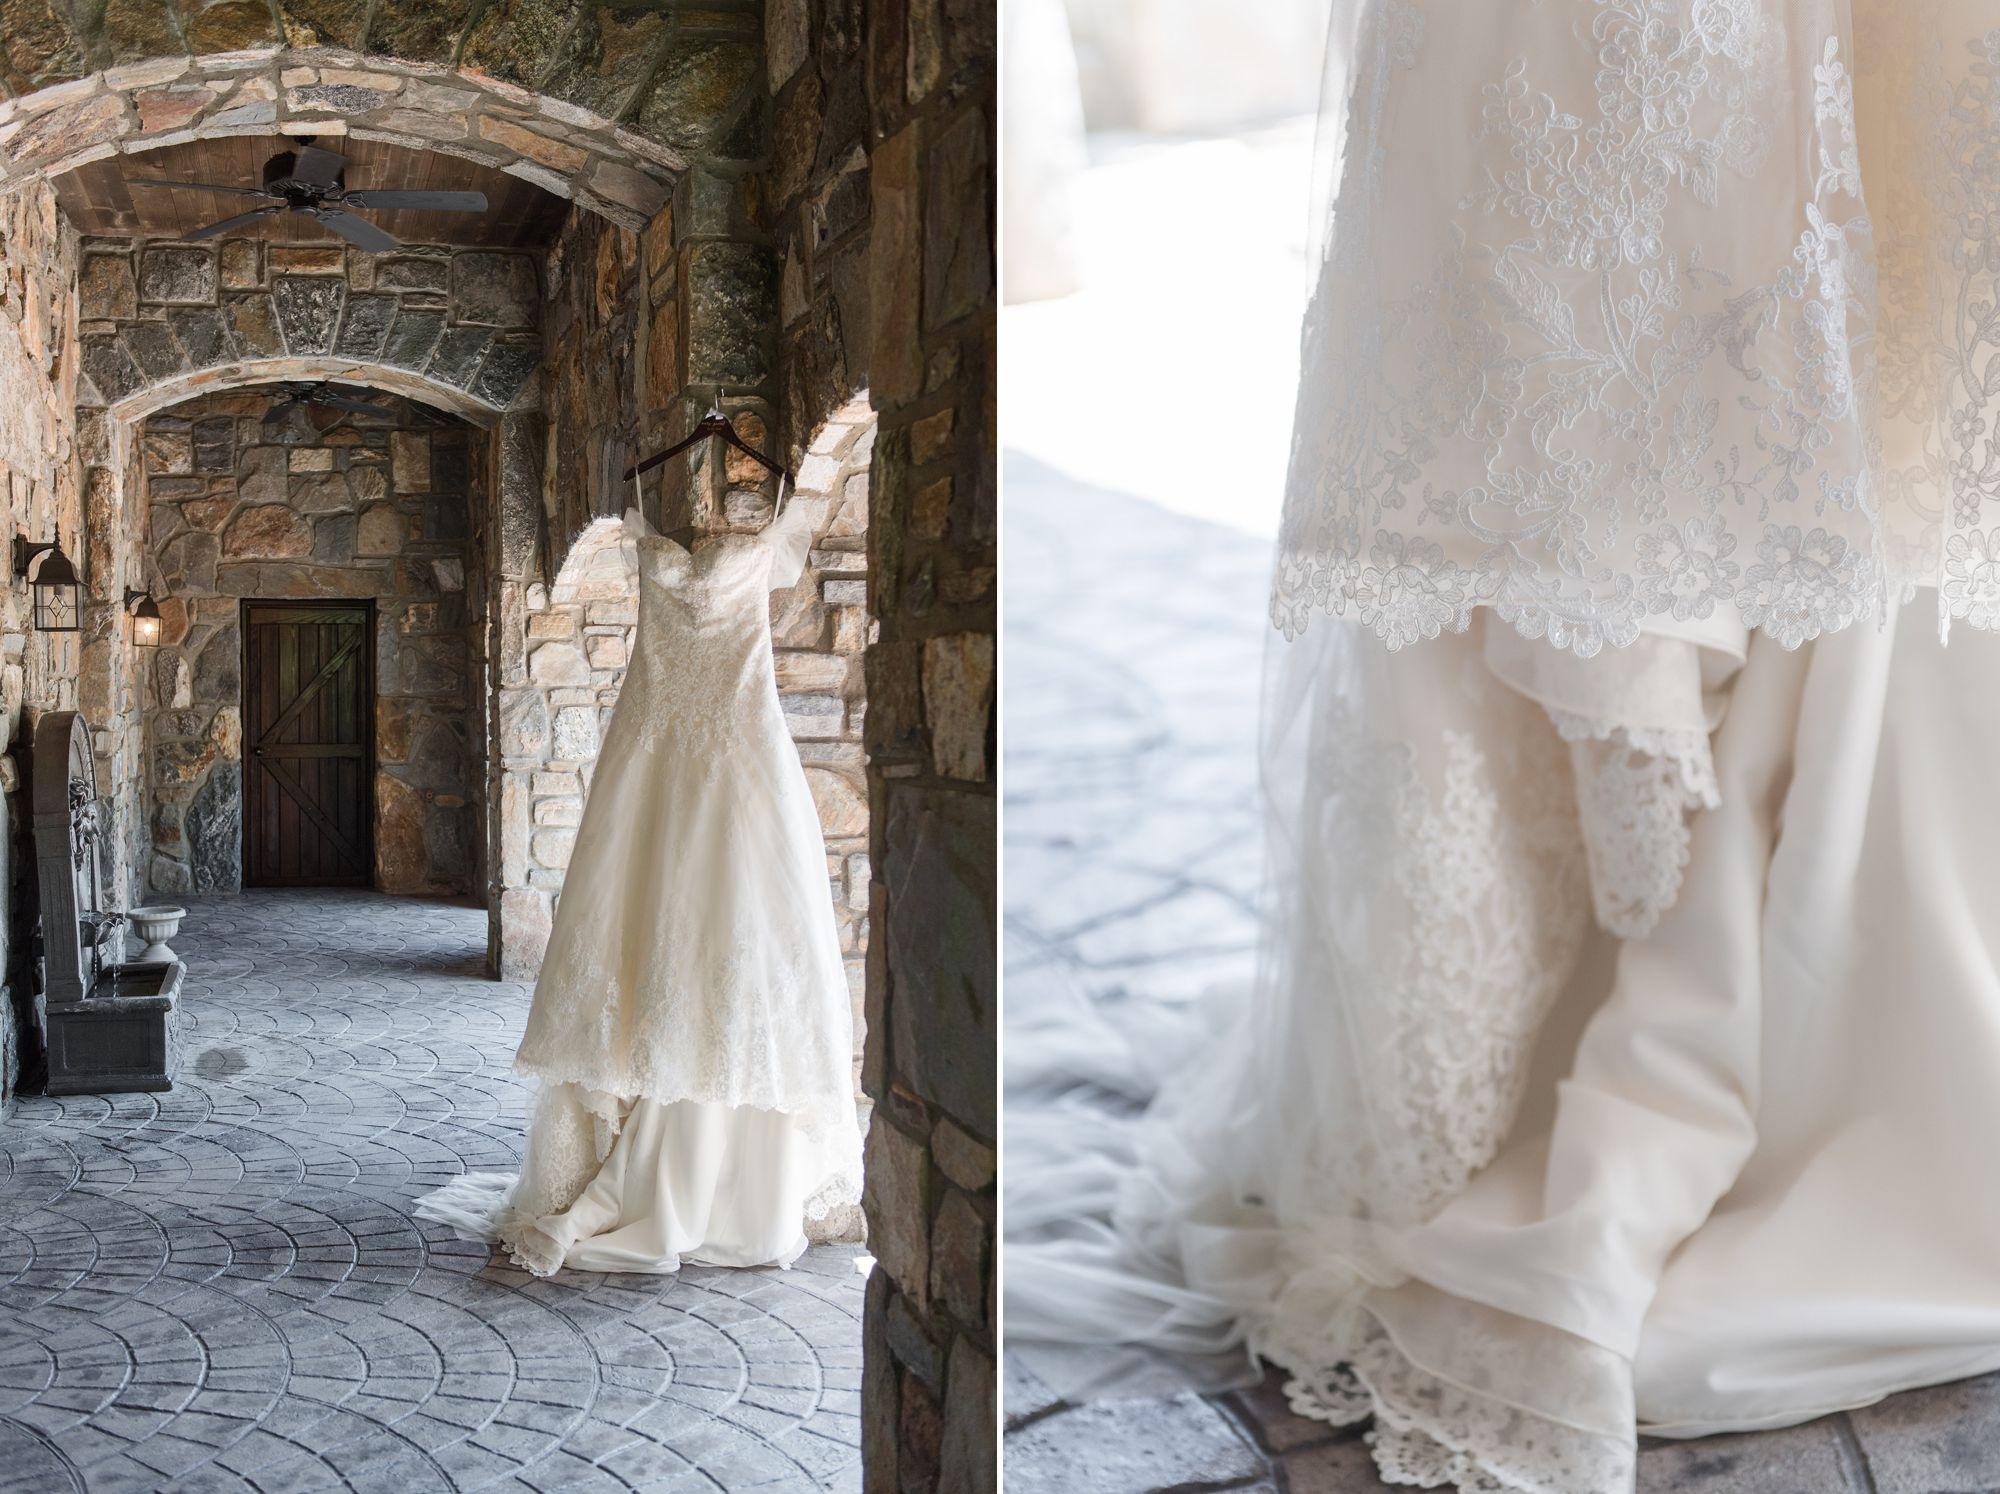 castle-ladyhawke-destination-wedding 8